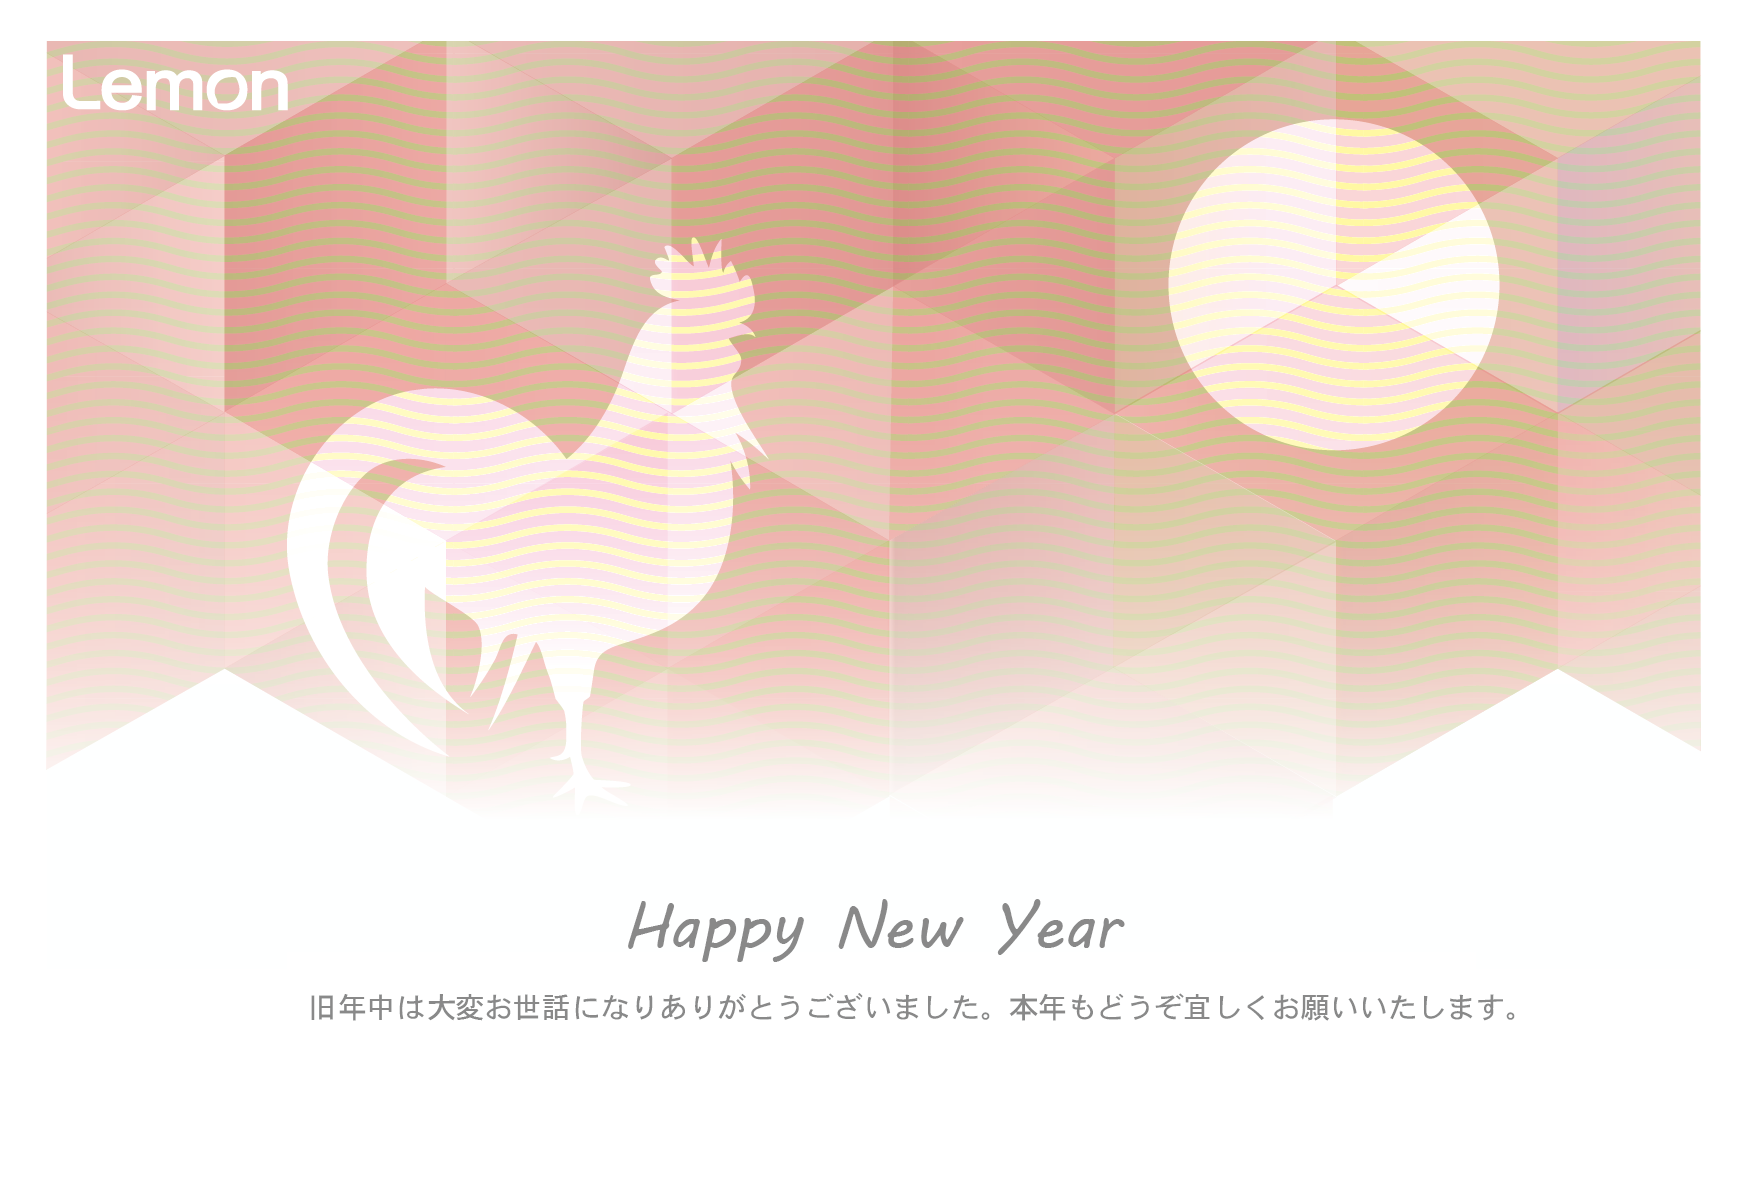 無料 デザイン年賀状 酉と太陽